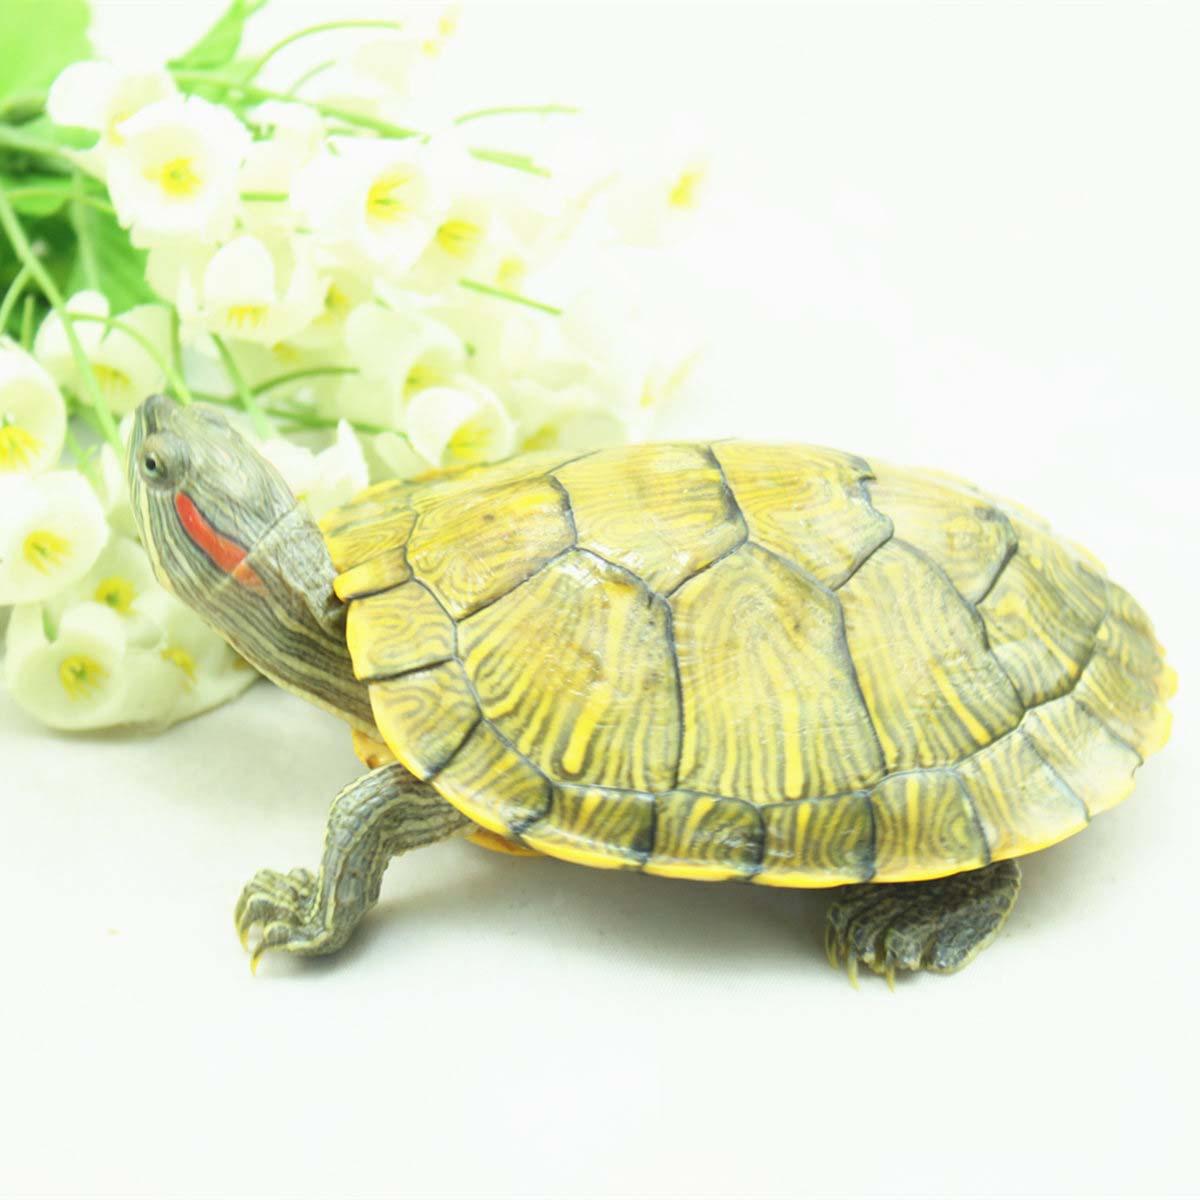 包邮】活巴西龟7cm巴西彩龟红耳龟情侣龟招财龟发财龟草龟小乌龟